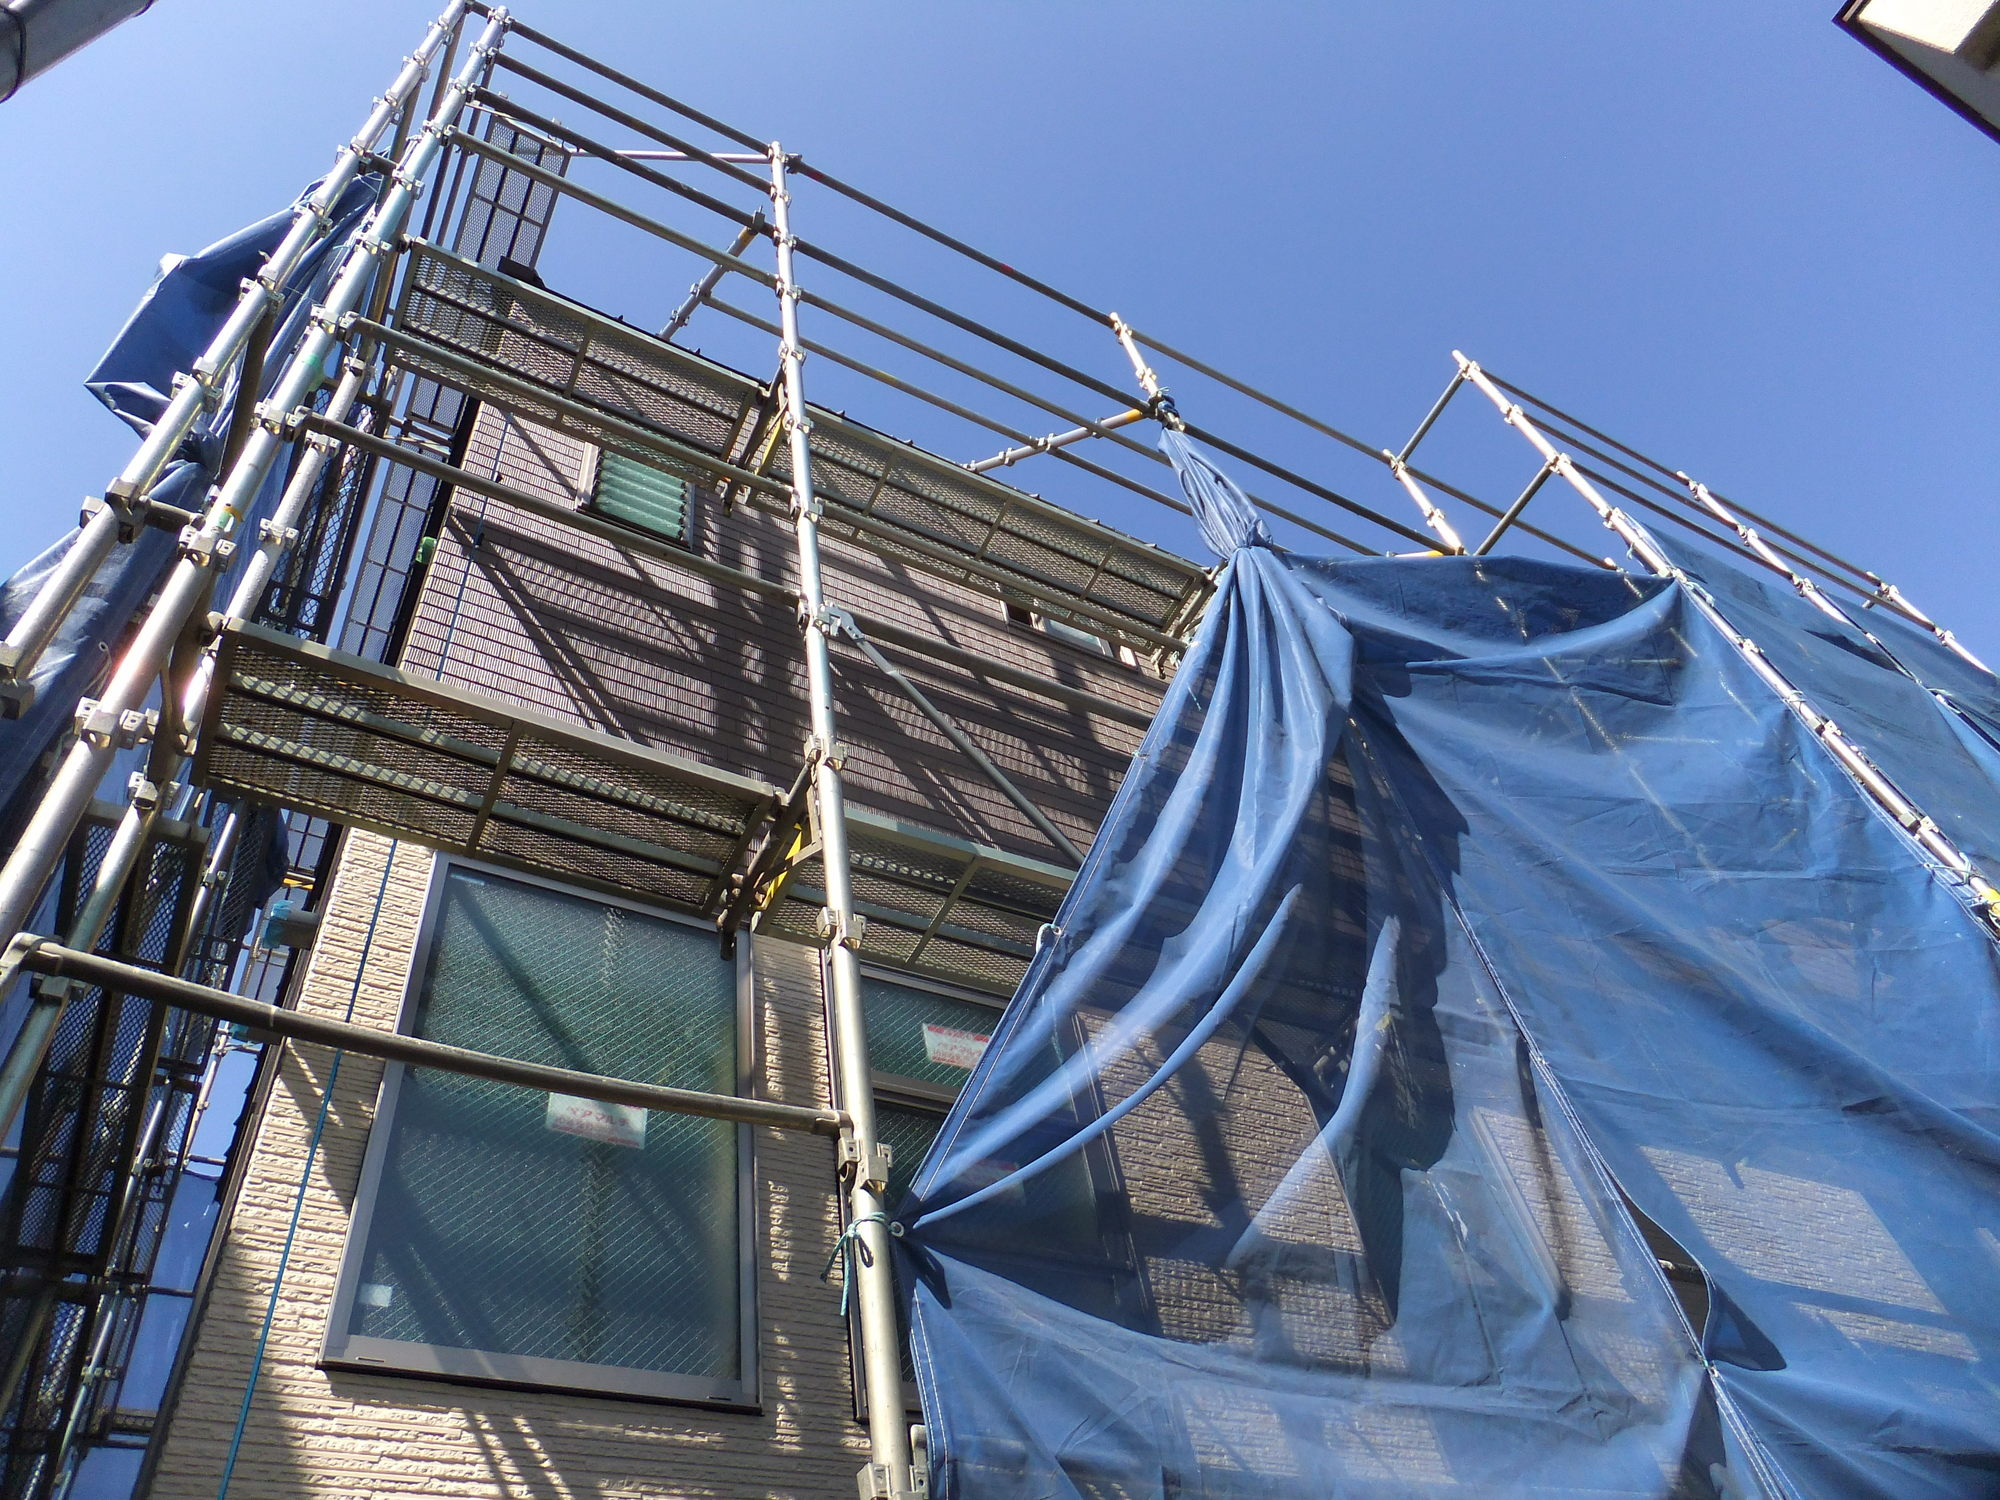 年末完成予定のアパートの外観が見えてきました。